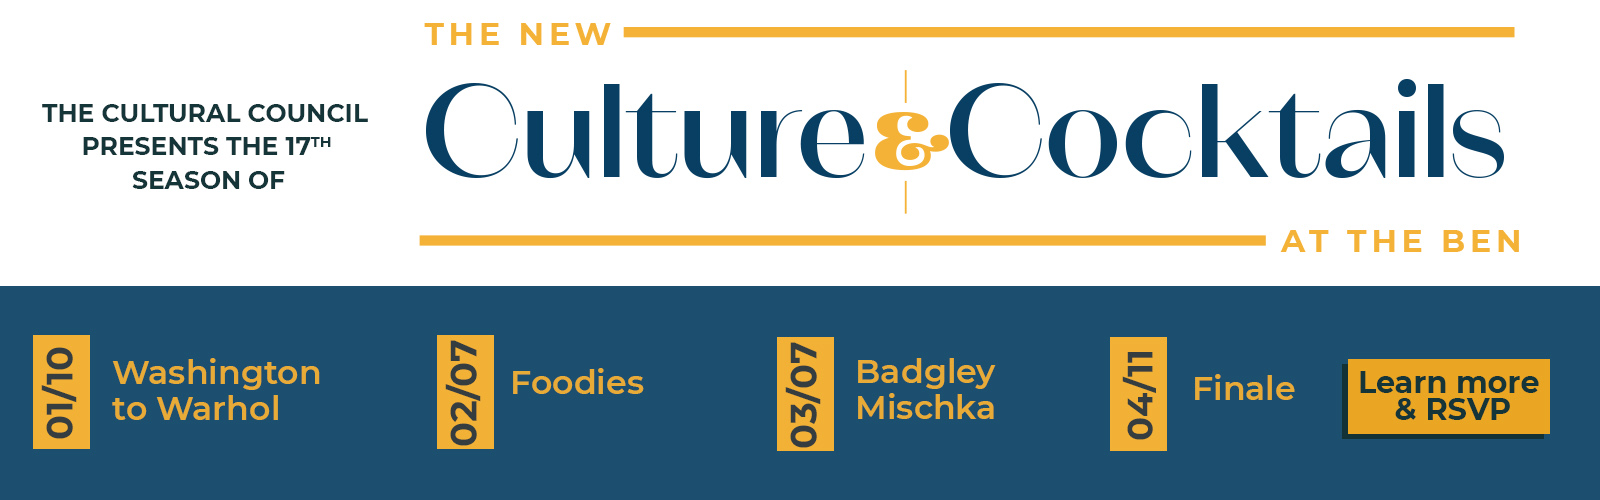 2022 Culture & Cocktails